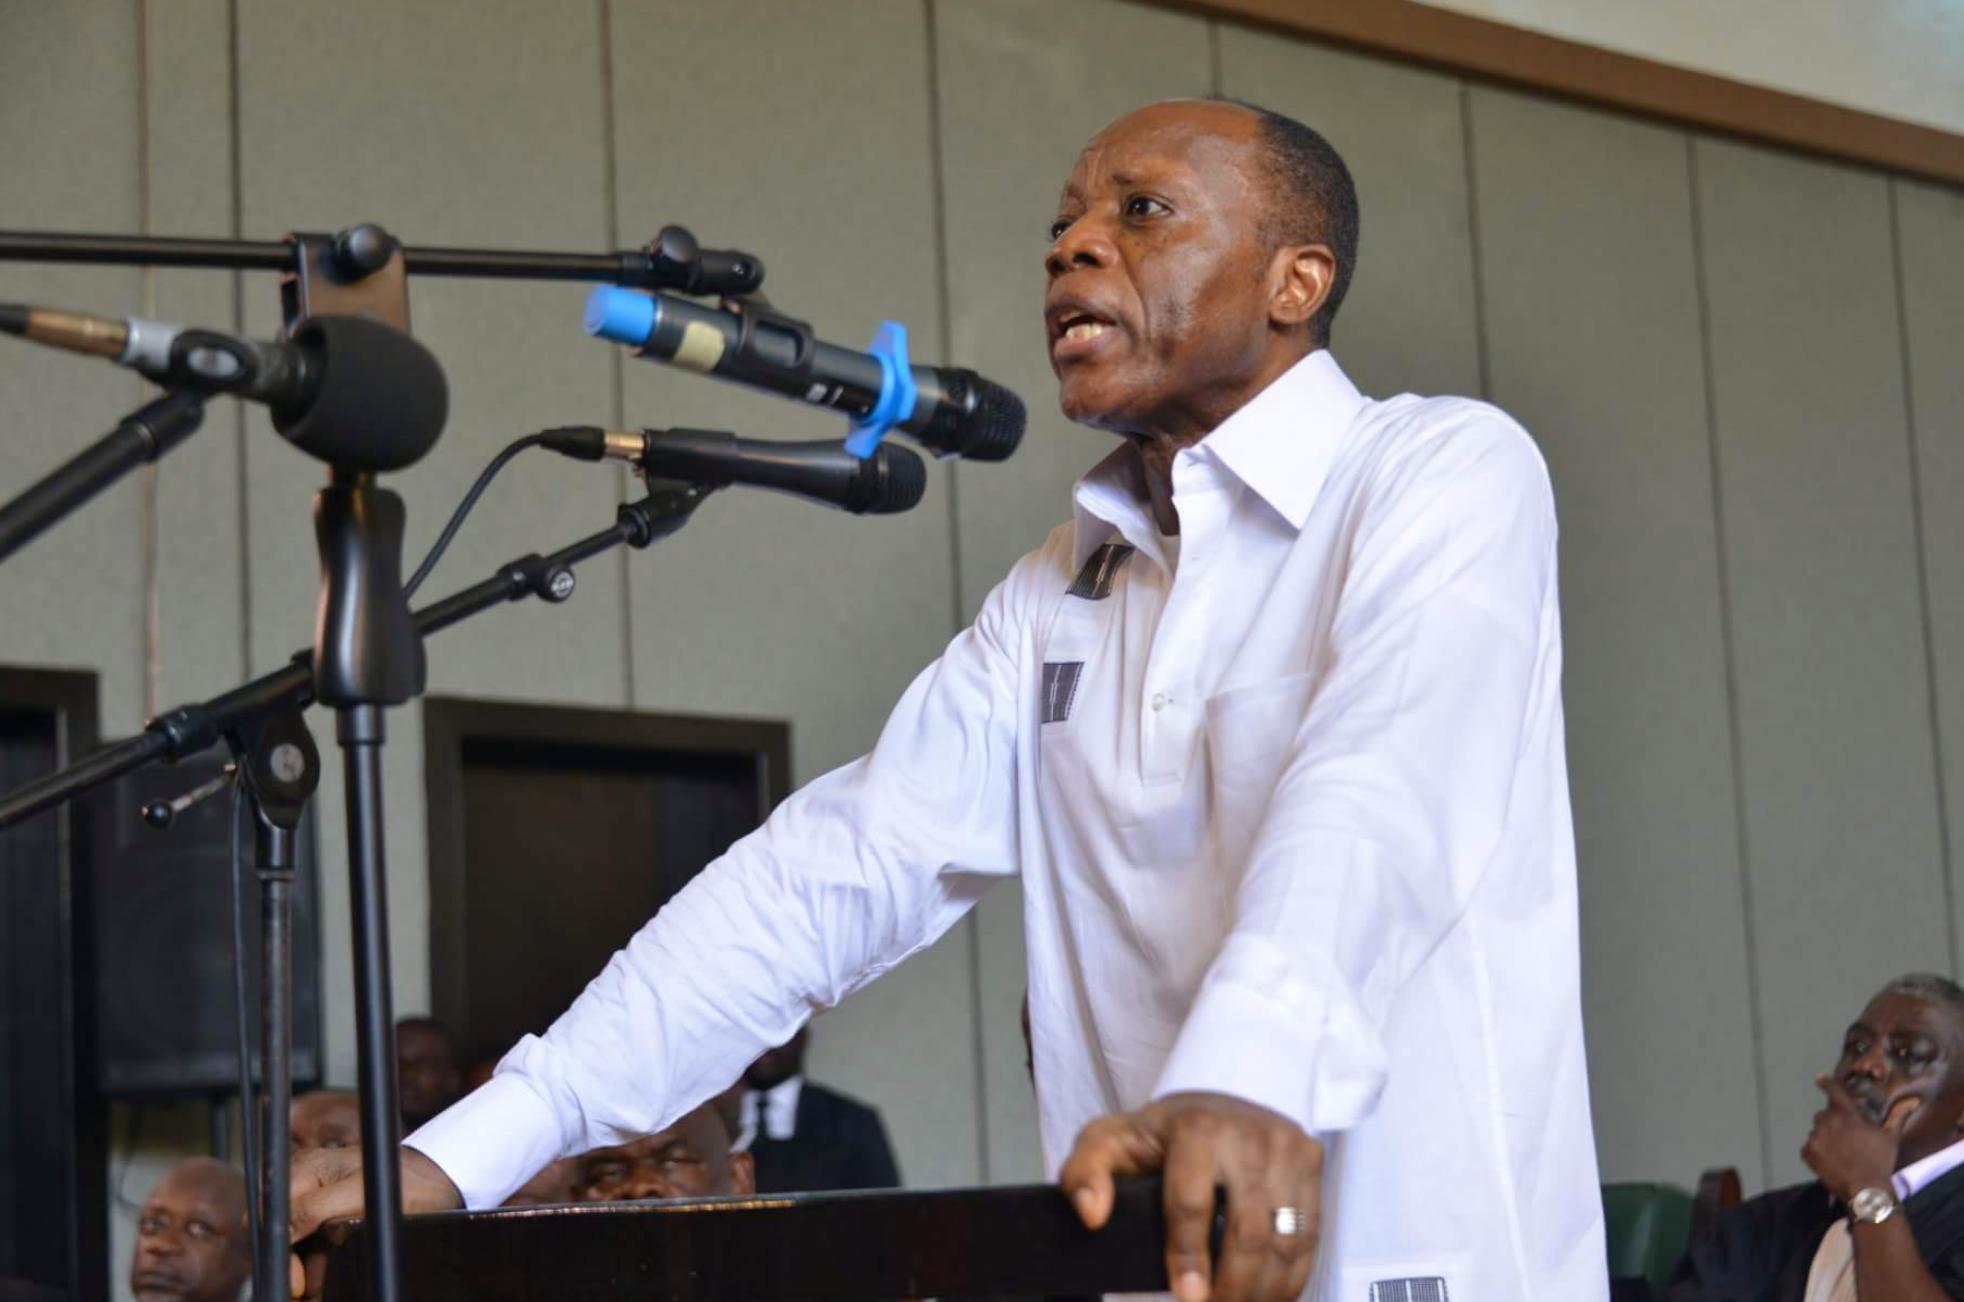 Le général Mokoko, ex-candidat à la présidentielle de 2016, à Brazzaville, le 7 mai 2018.